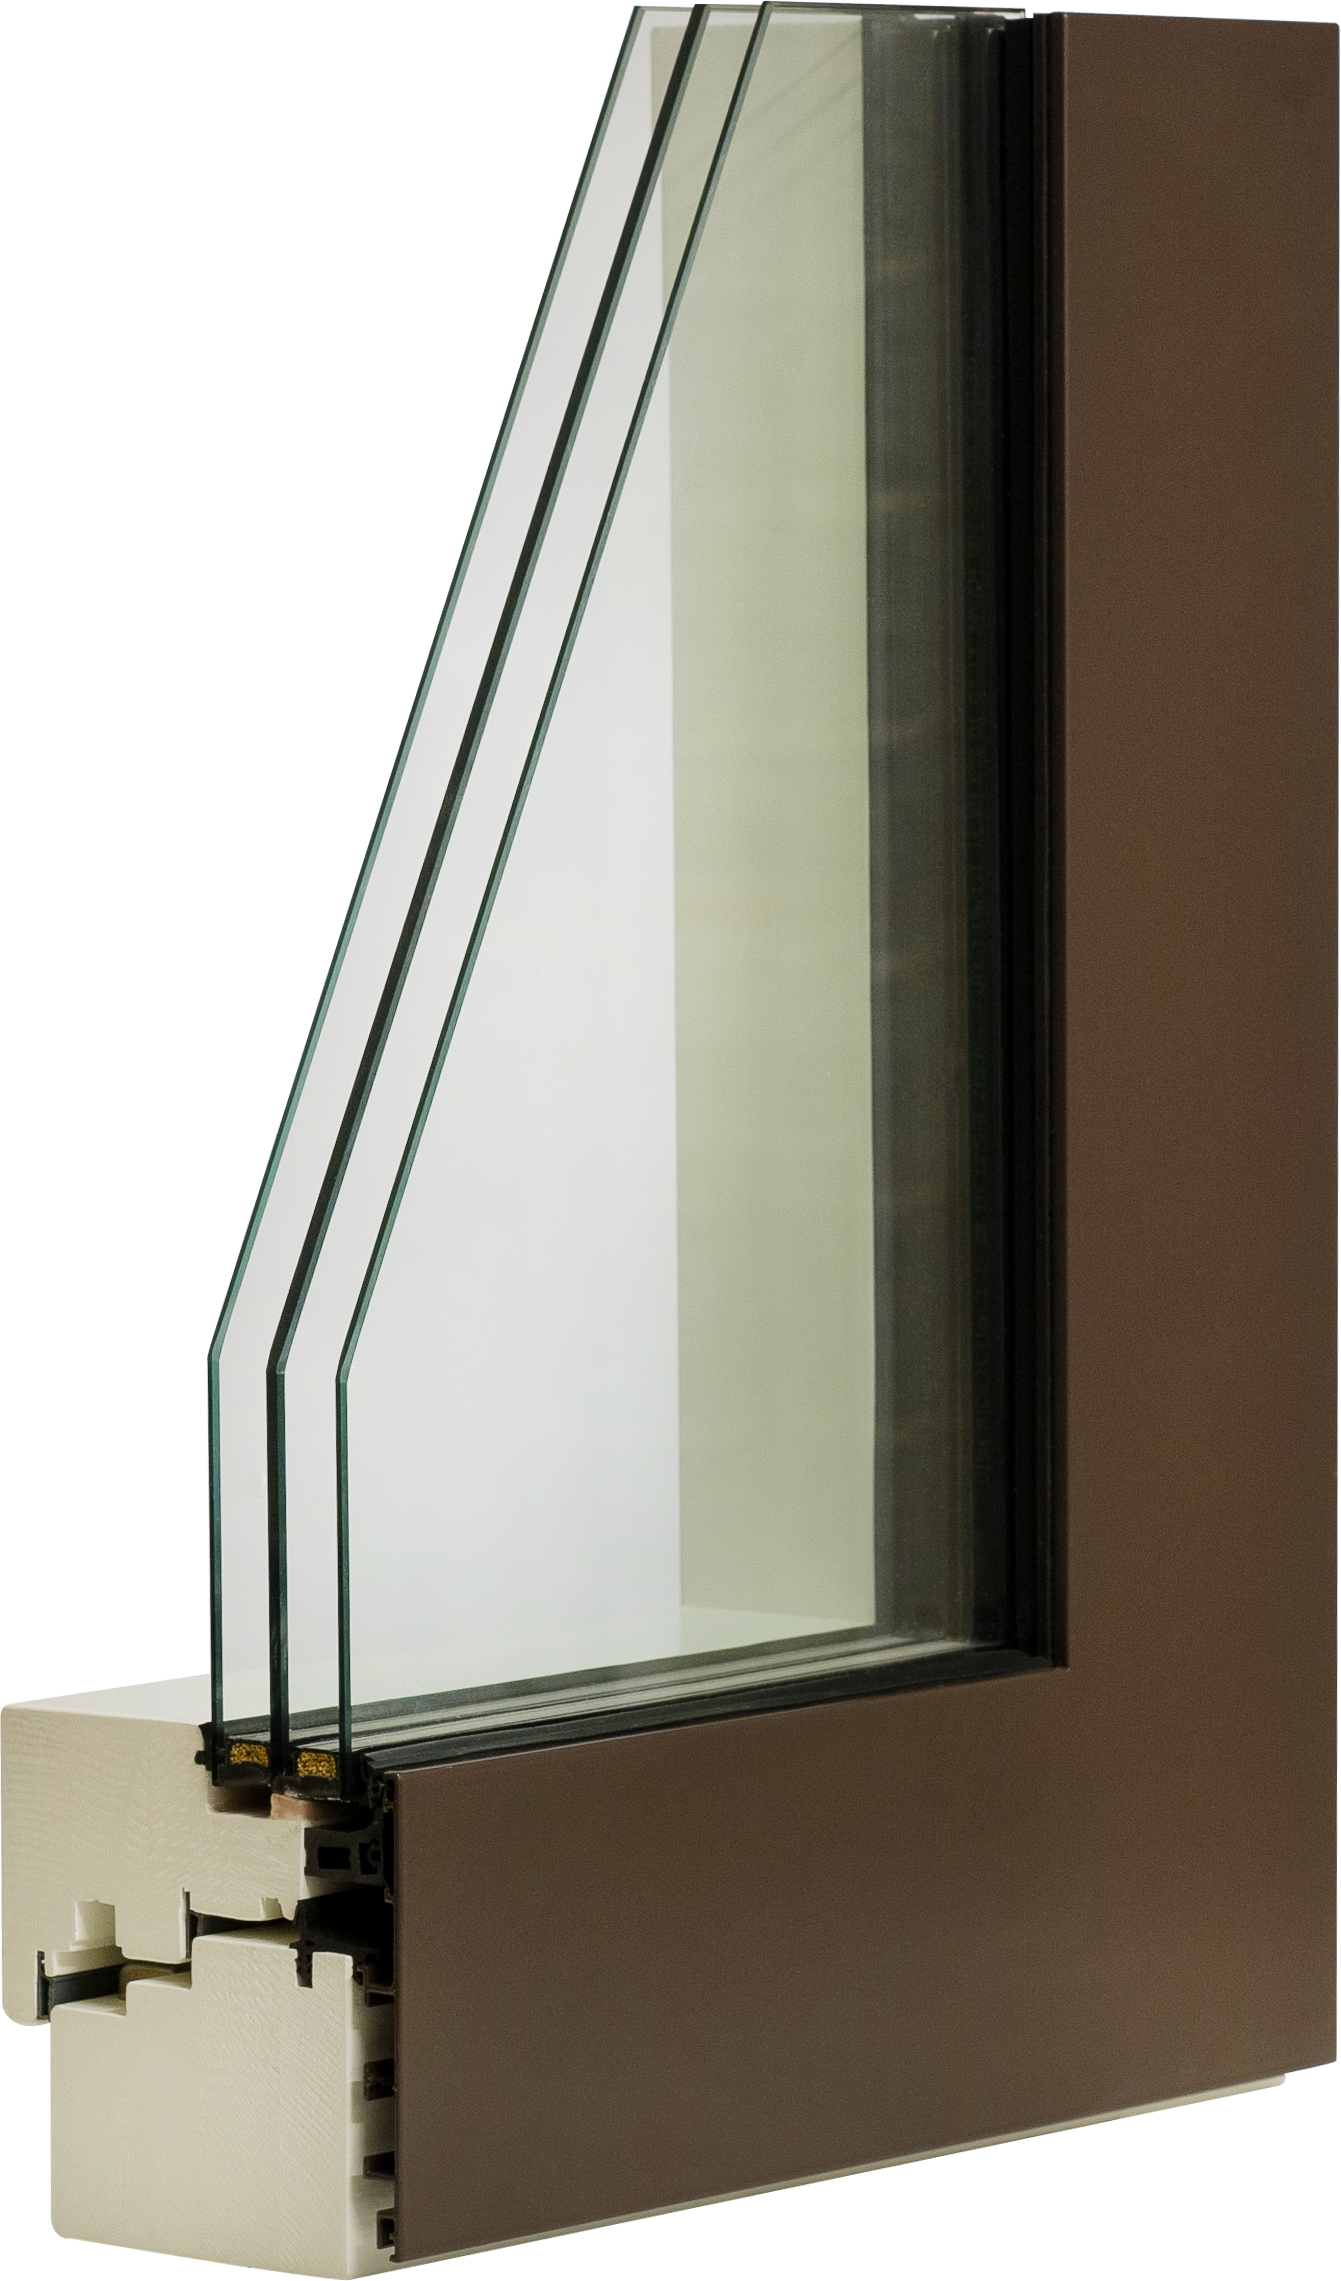 Full Size of Alu Fenster Holz Mit 3 Fach Verglasung Ohne Rahmen Austauschen Nach Maß Aluplast Bauhaus Anthrazit Sichtschutz Für Sonnenschutzfolie Auto Folie Jalousie Fenster Alu Fenster